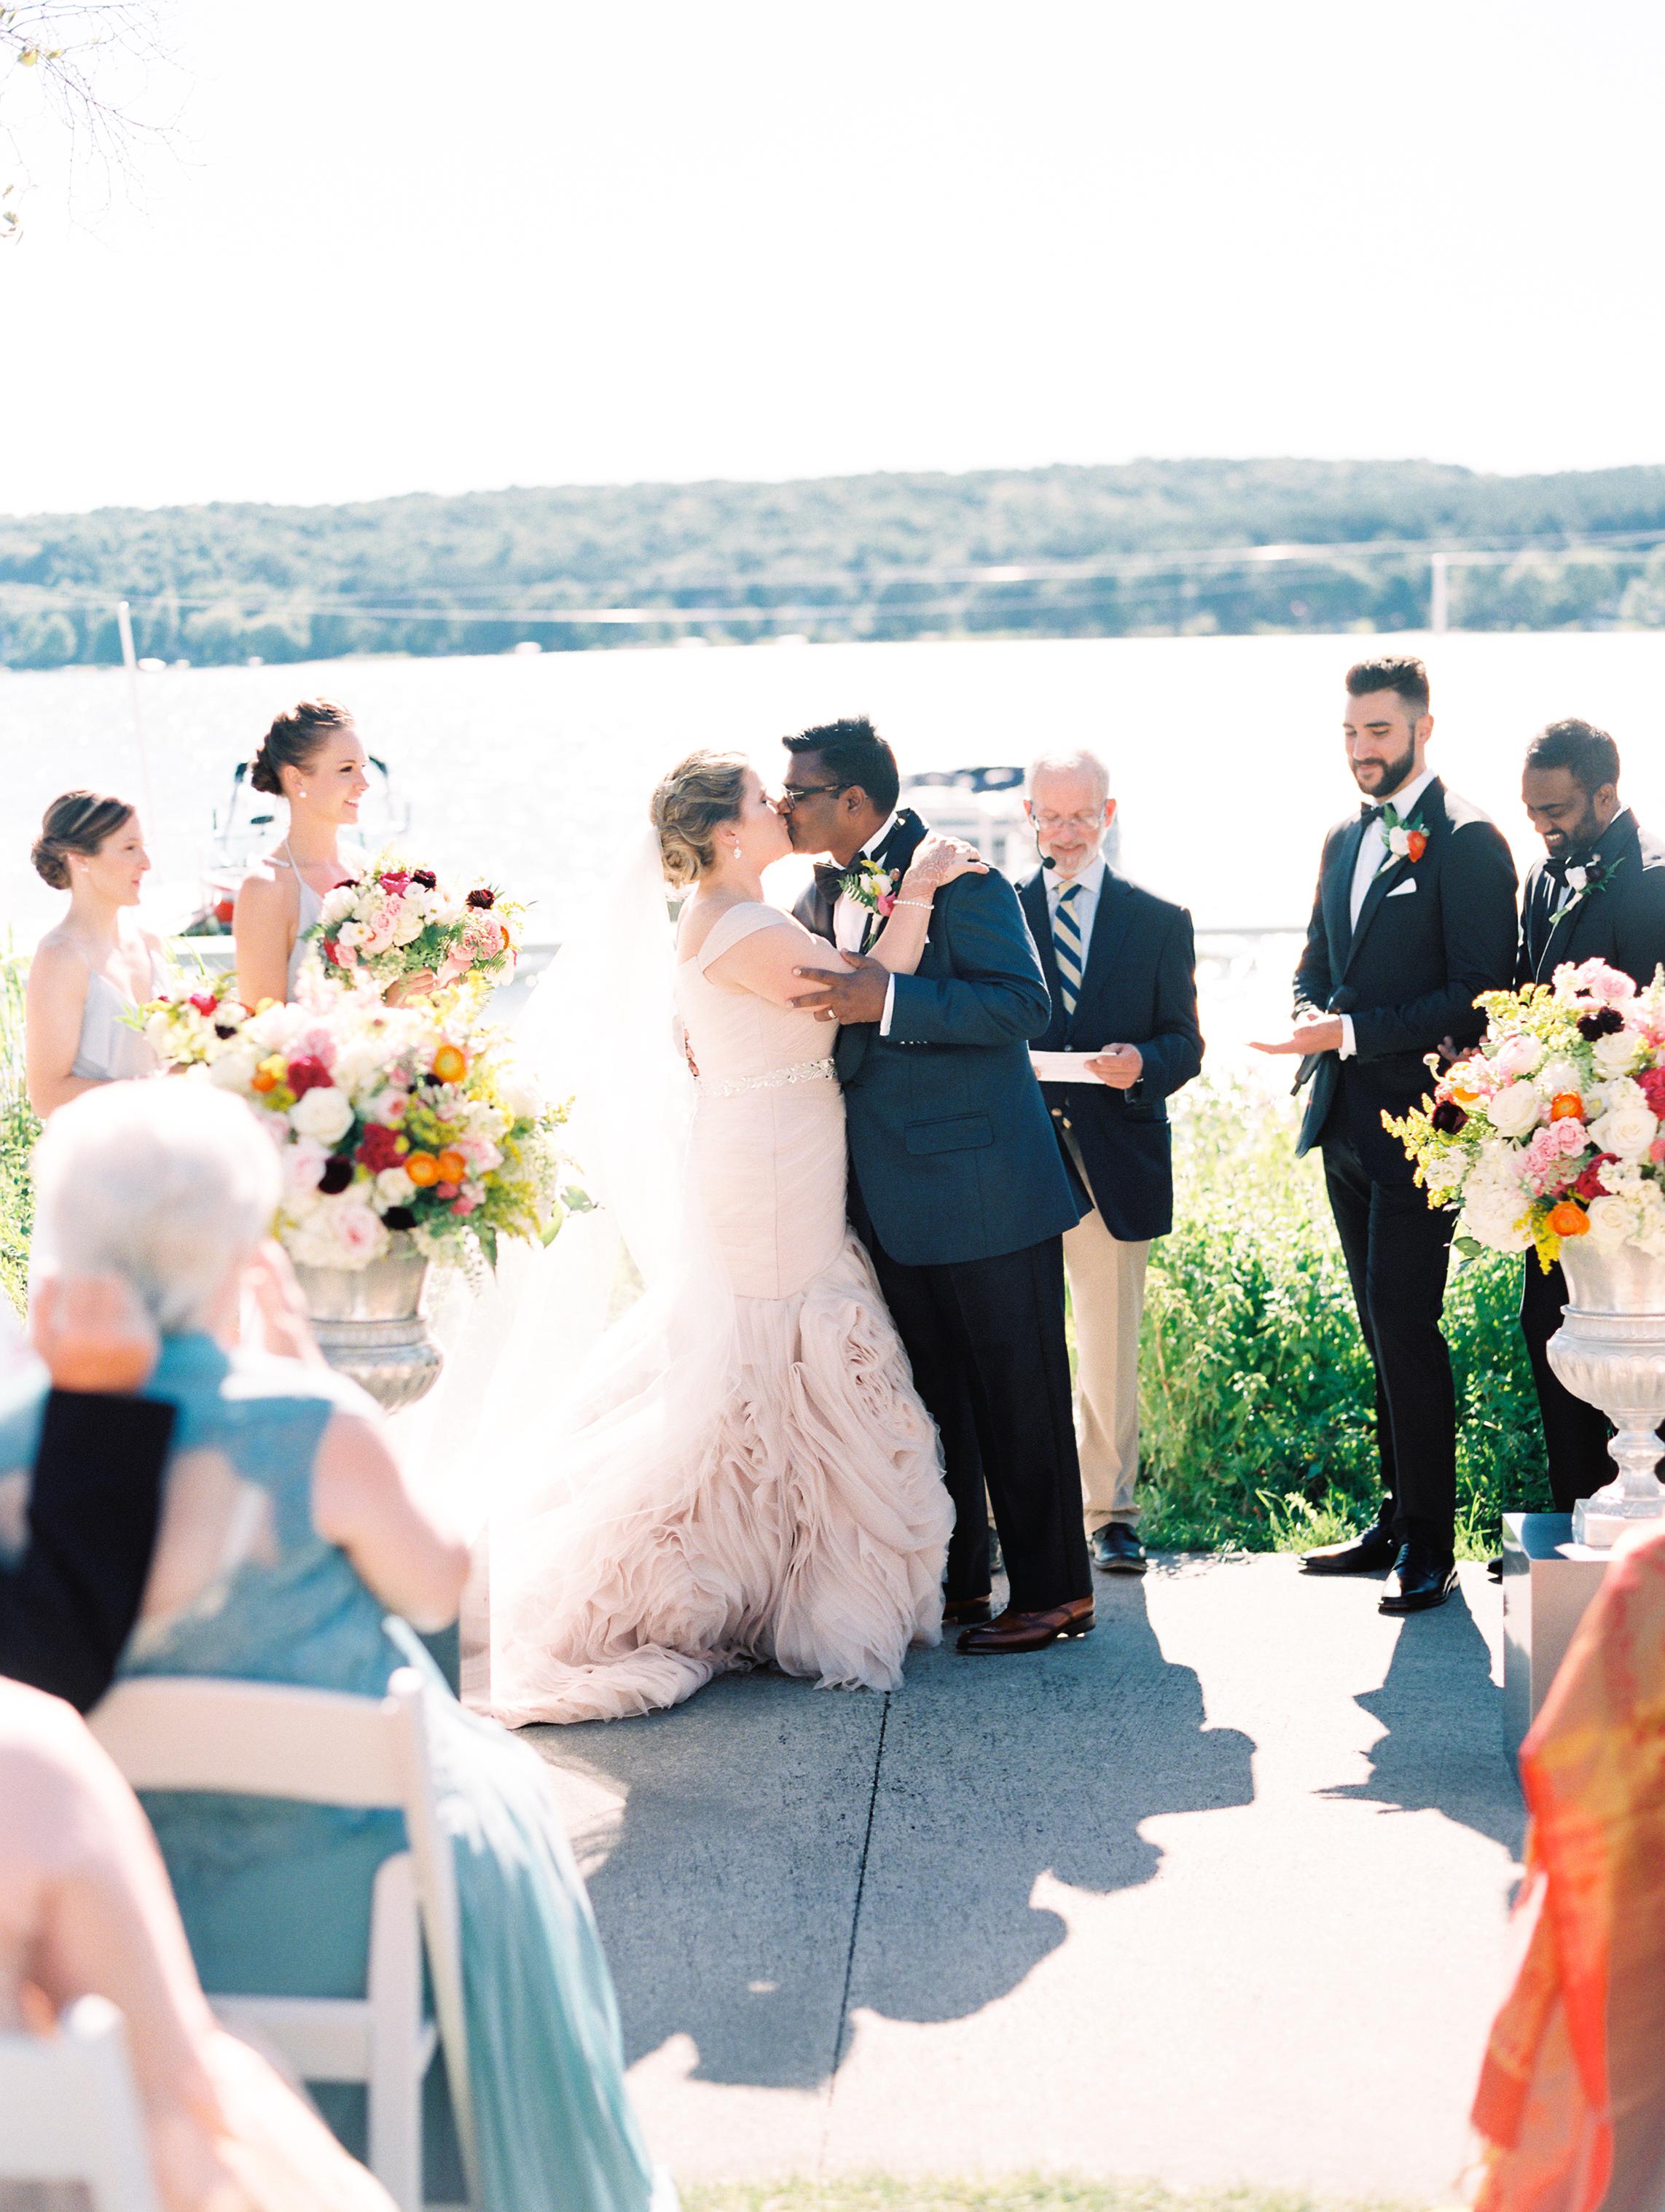 Govathoti+Wedding+Ceremony-201.jpg